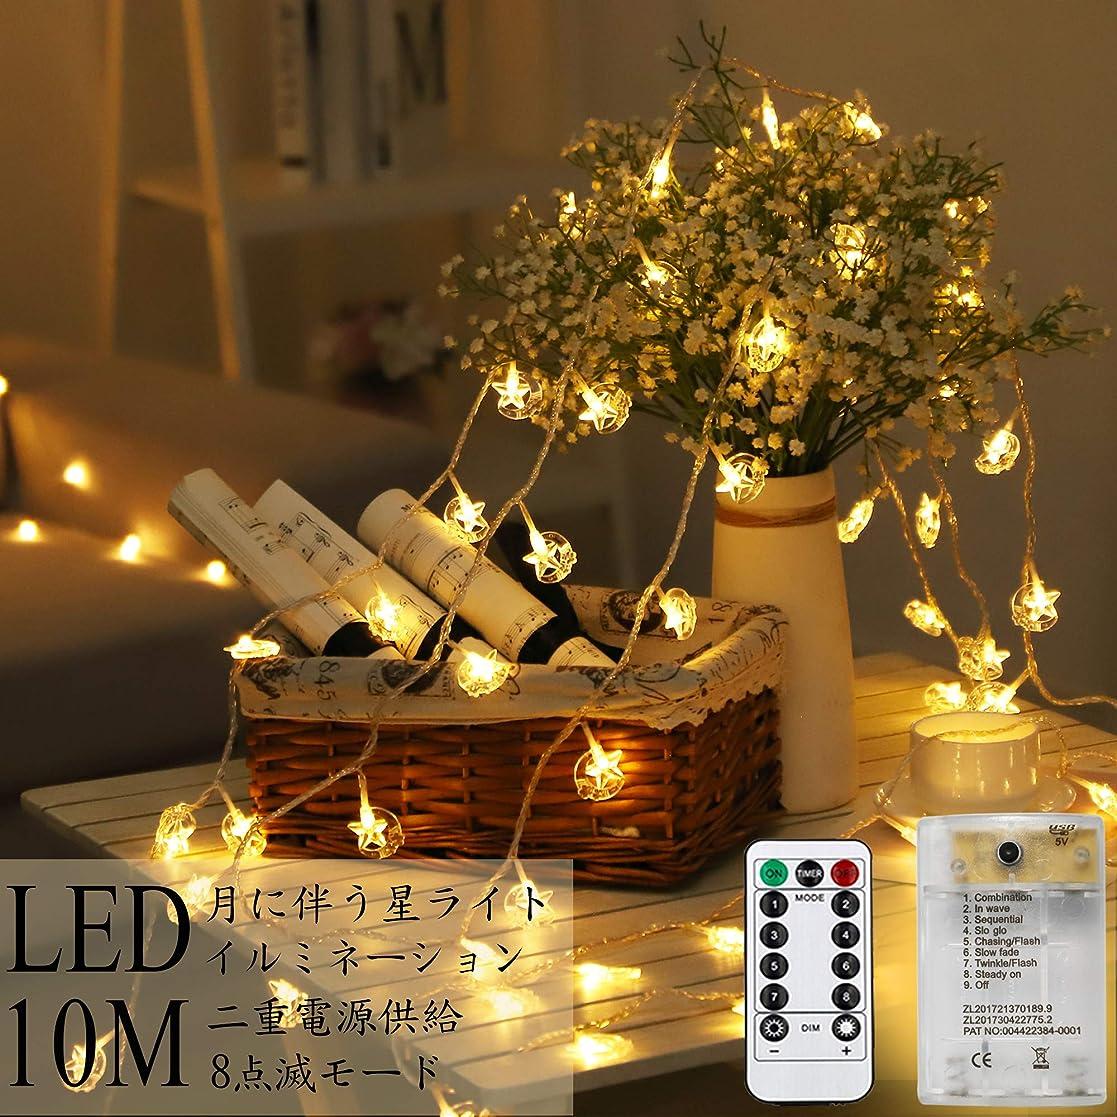 マンモス事実上韓国Areskey LEDイルミネーションライト 月に伴う星 の形フェアリーライト 10m 80電球 80ムーン電飾 LEDストリングライト 単三電池式3本、USB式 二重電源供給 防水ワイヤーライト 8種類の点滅モード リモコン付き スターガーランドライト 装飾 結婚式 ホームパーティー お誕生日パーティー クリスマスなどに最適